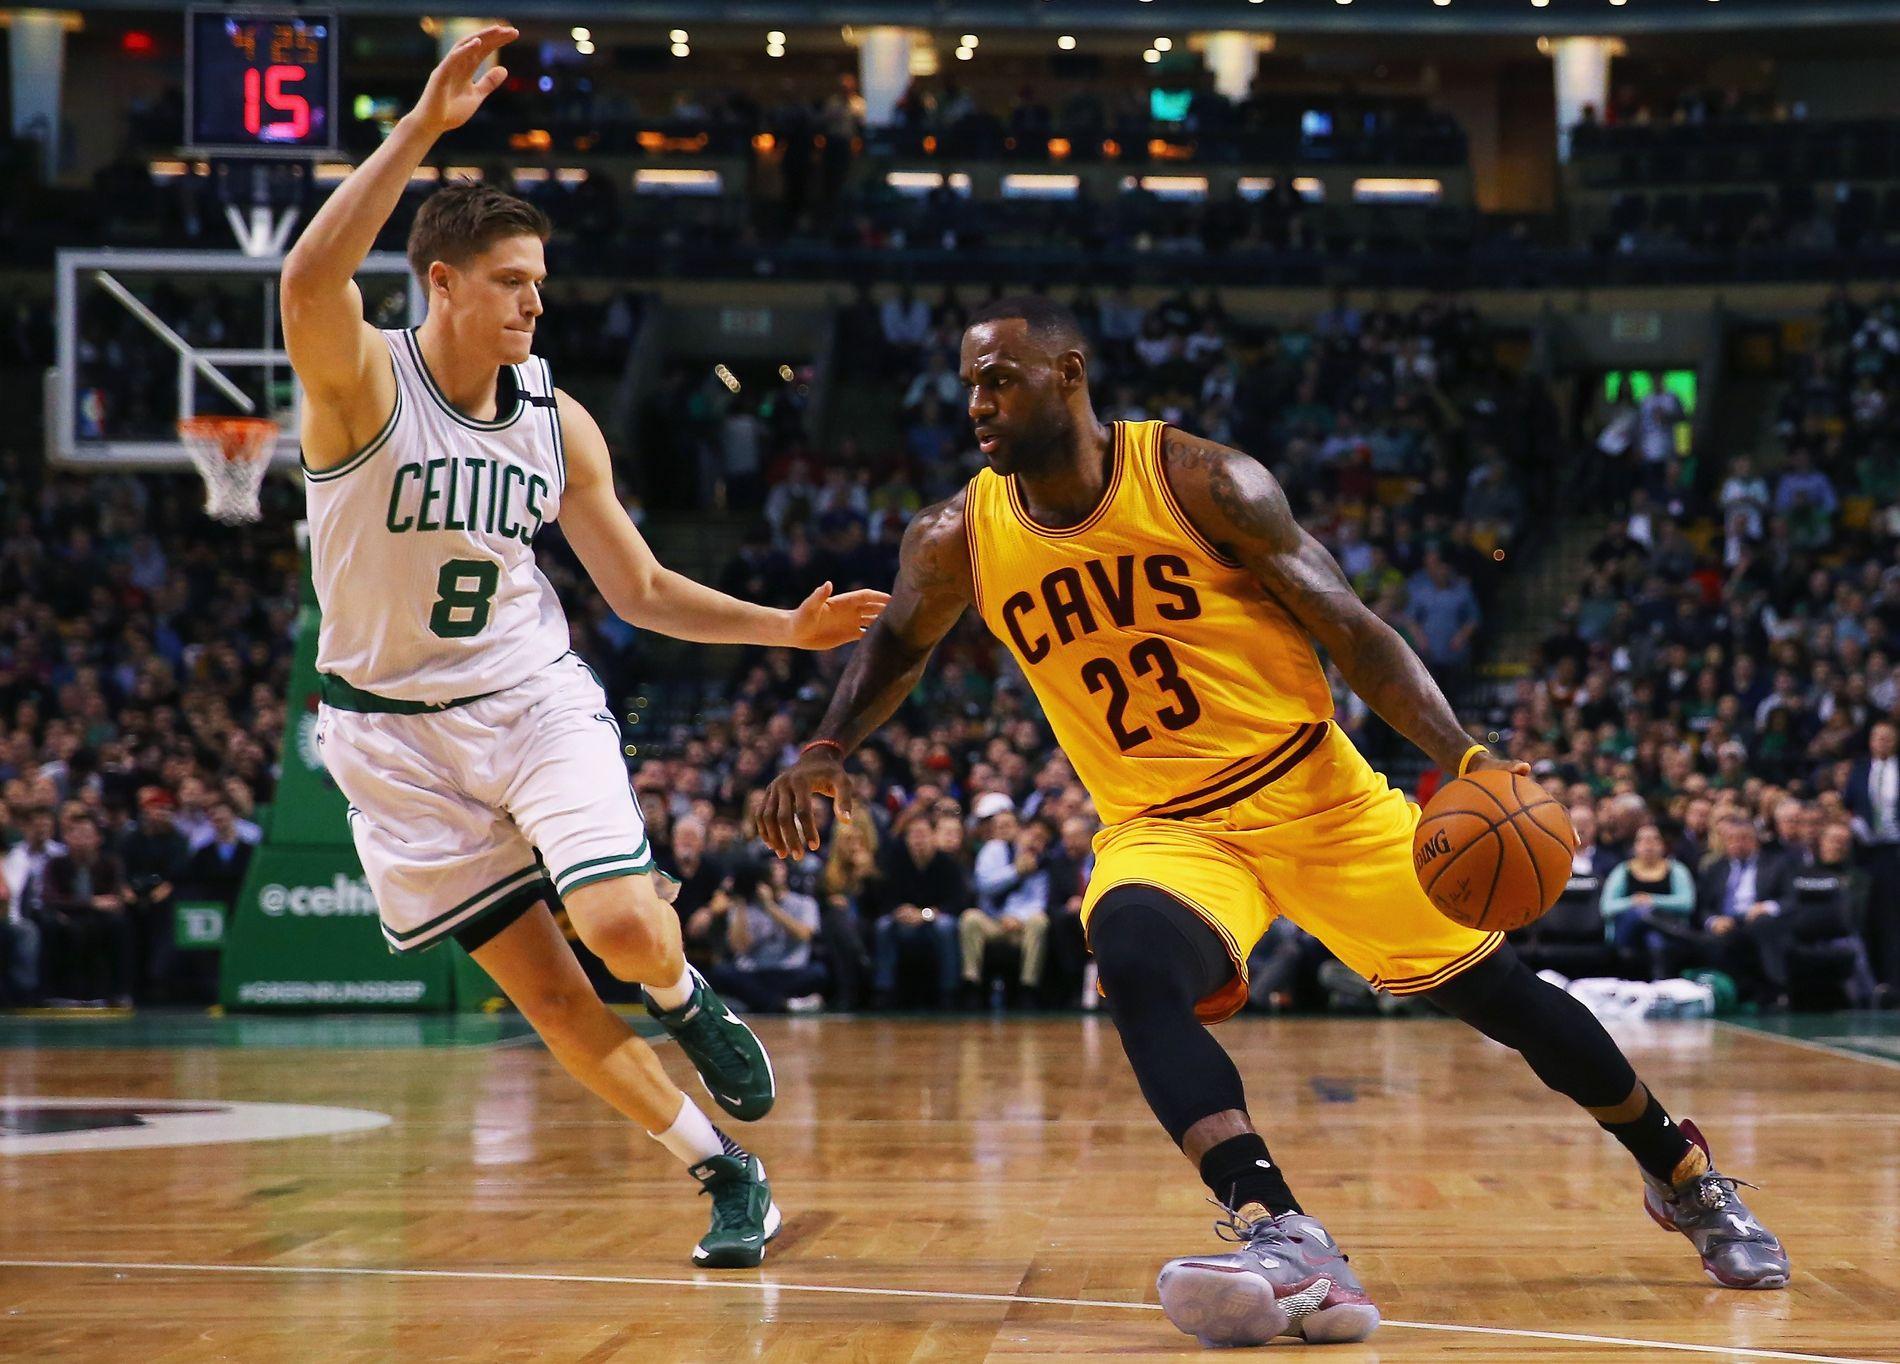 KLAR FOR VERDENS BESTE: Jonas Jerebko, her i duell med LeBron James (nå Los Angeles Lakers), skal spille den neste sesongen for de regjerende mesterne Golden State Warriors.